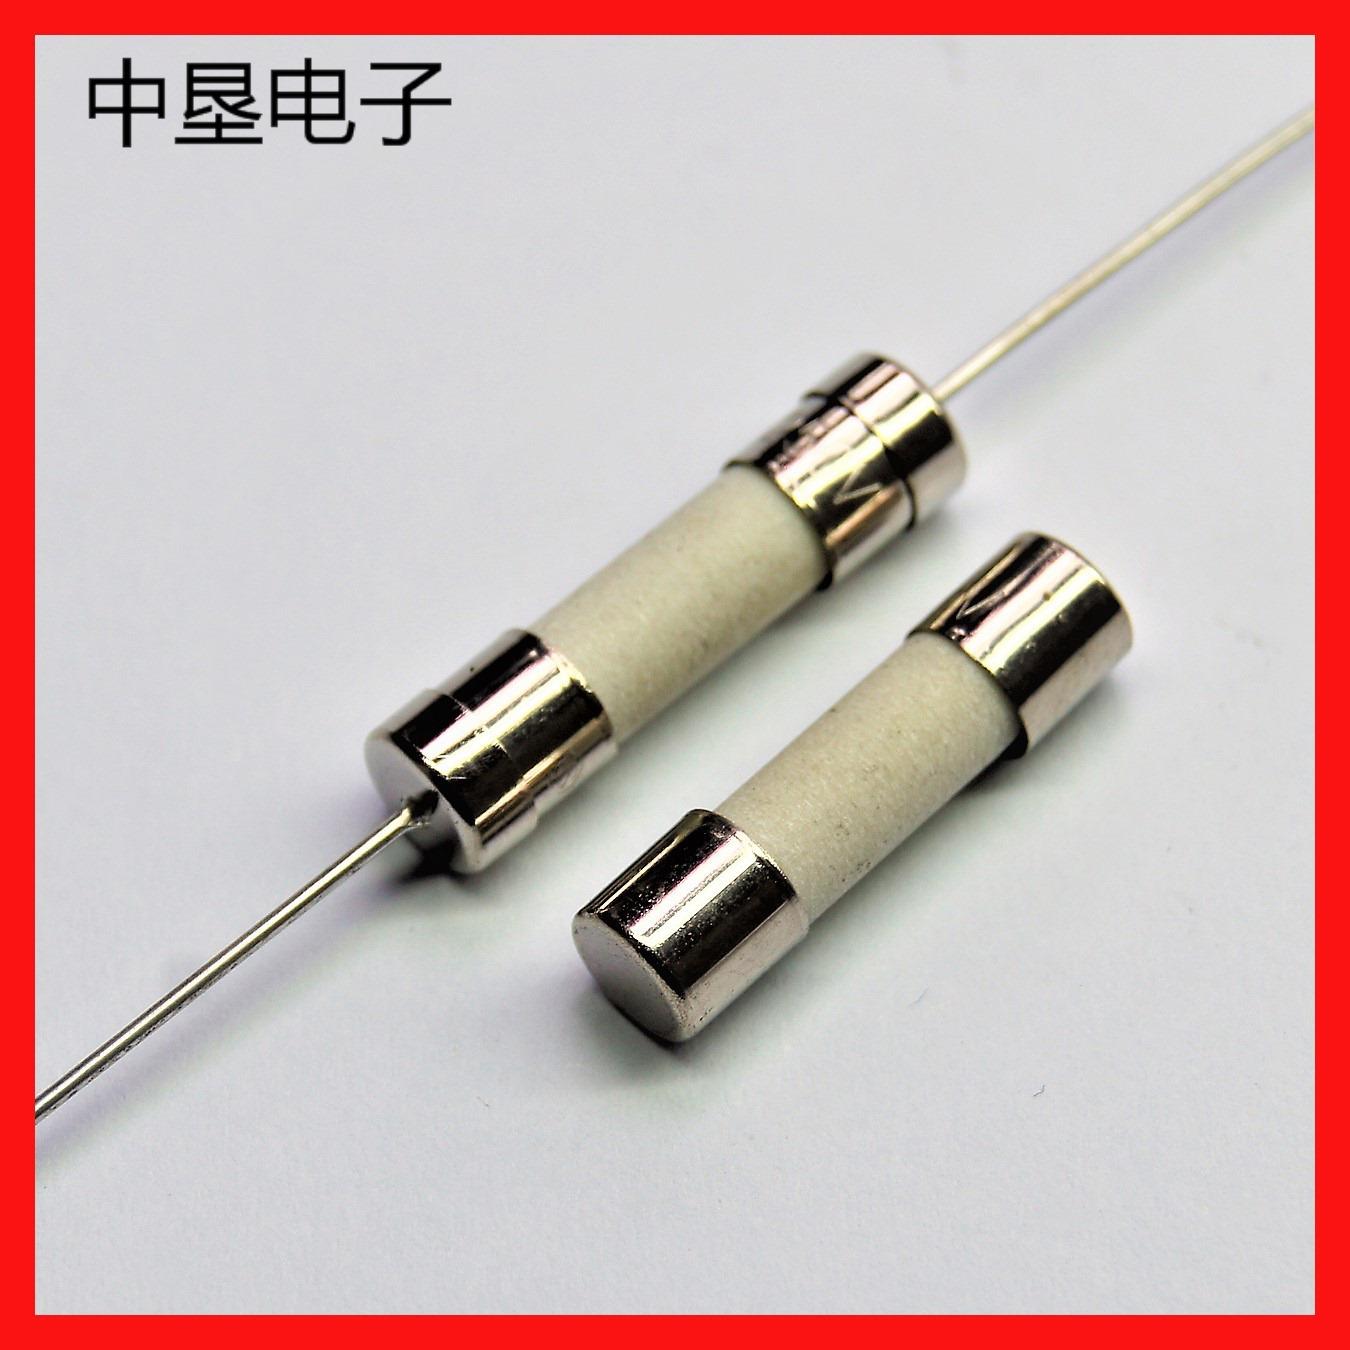 1A / 2A / 3.15A / 5A thiết bị bảo vệ 5.2x20mm gốm cầu chì ống phẳng